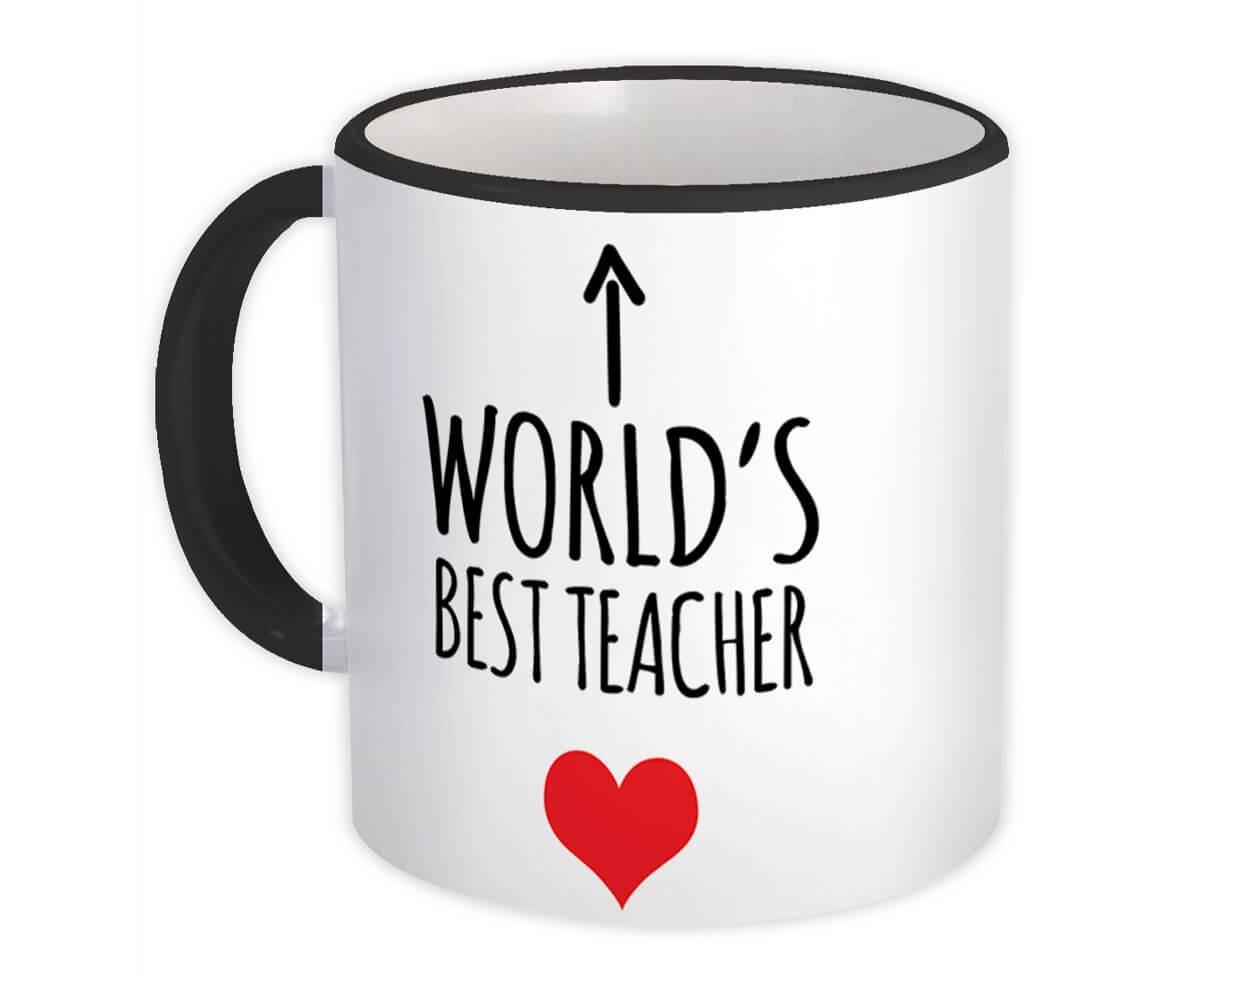 Worlds Best TEACHER : Gift Mug Heart Love Family Work Christmas Birthday